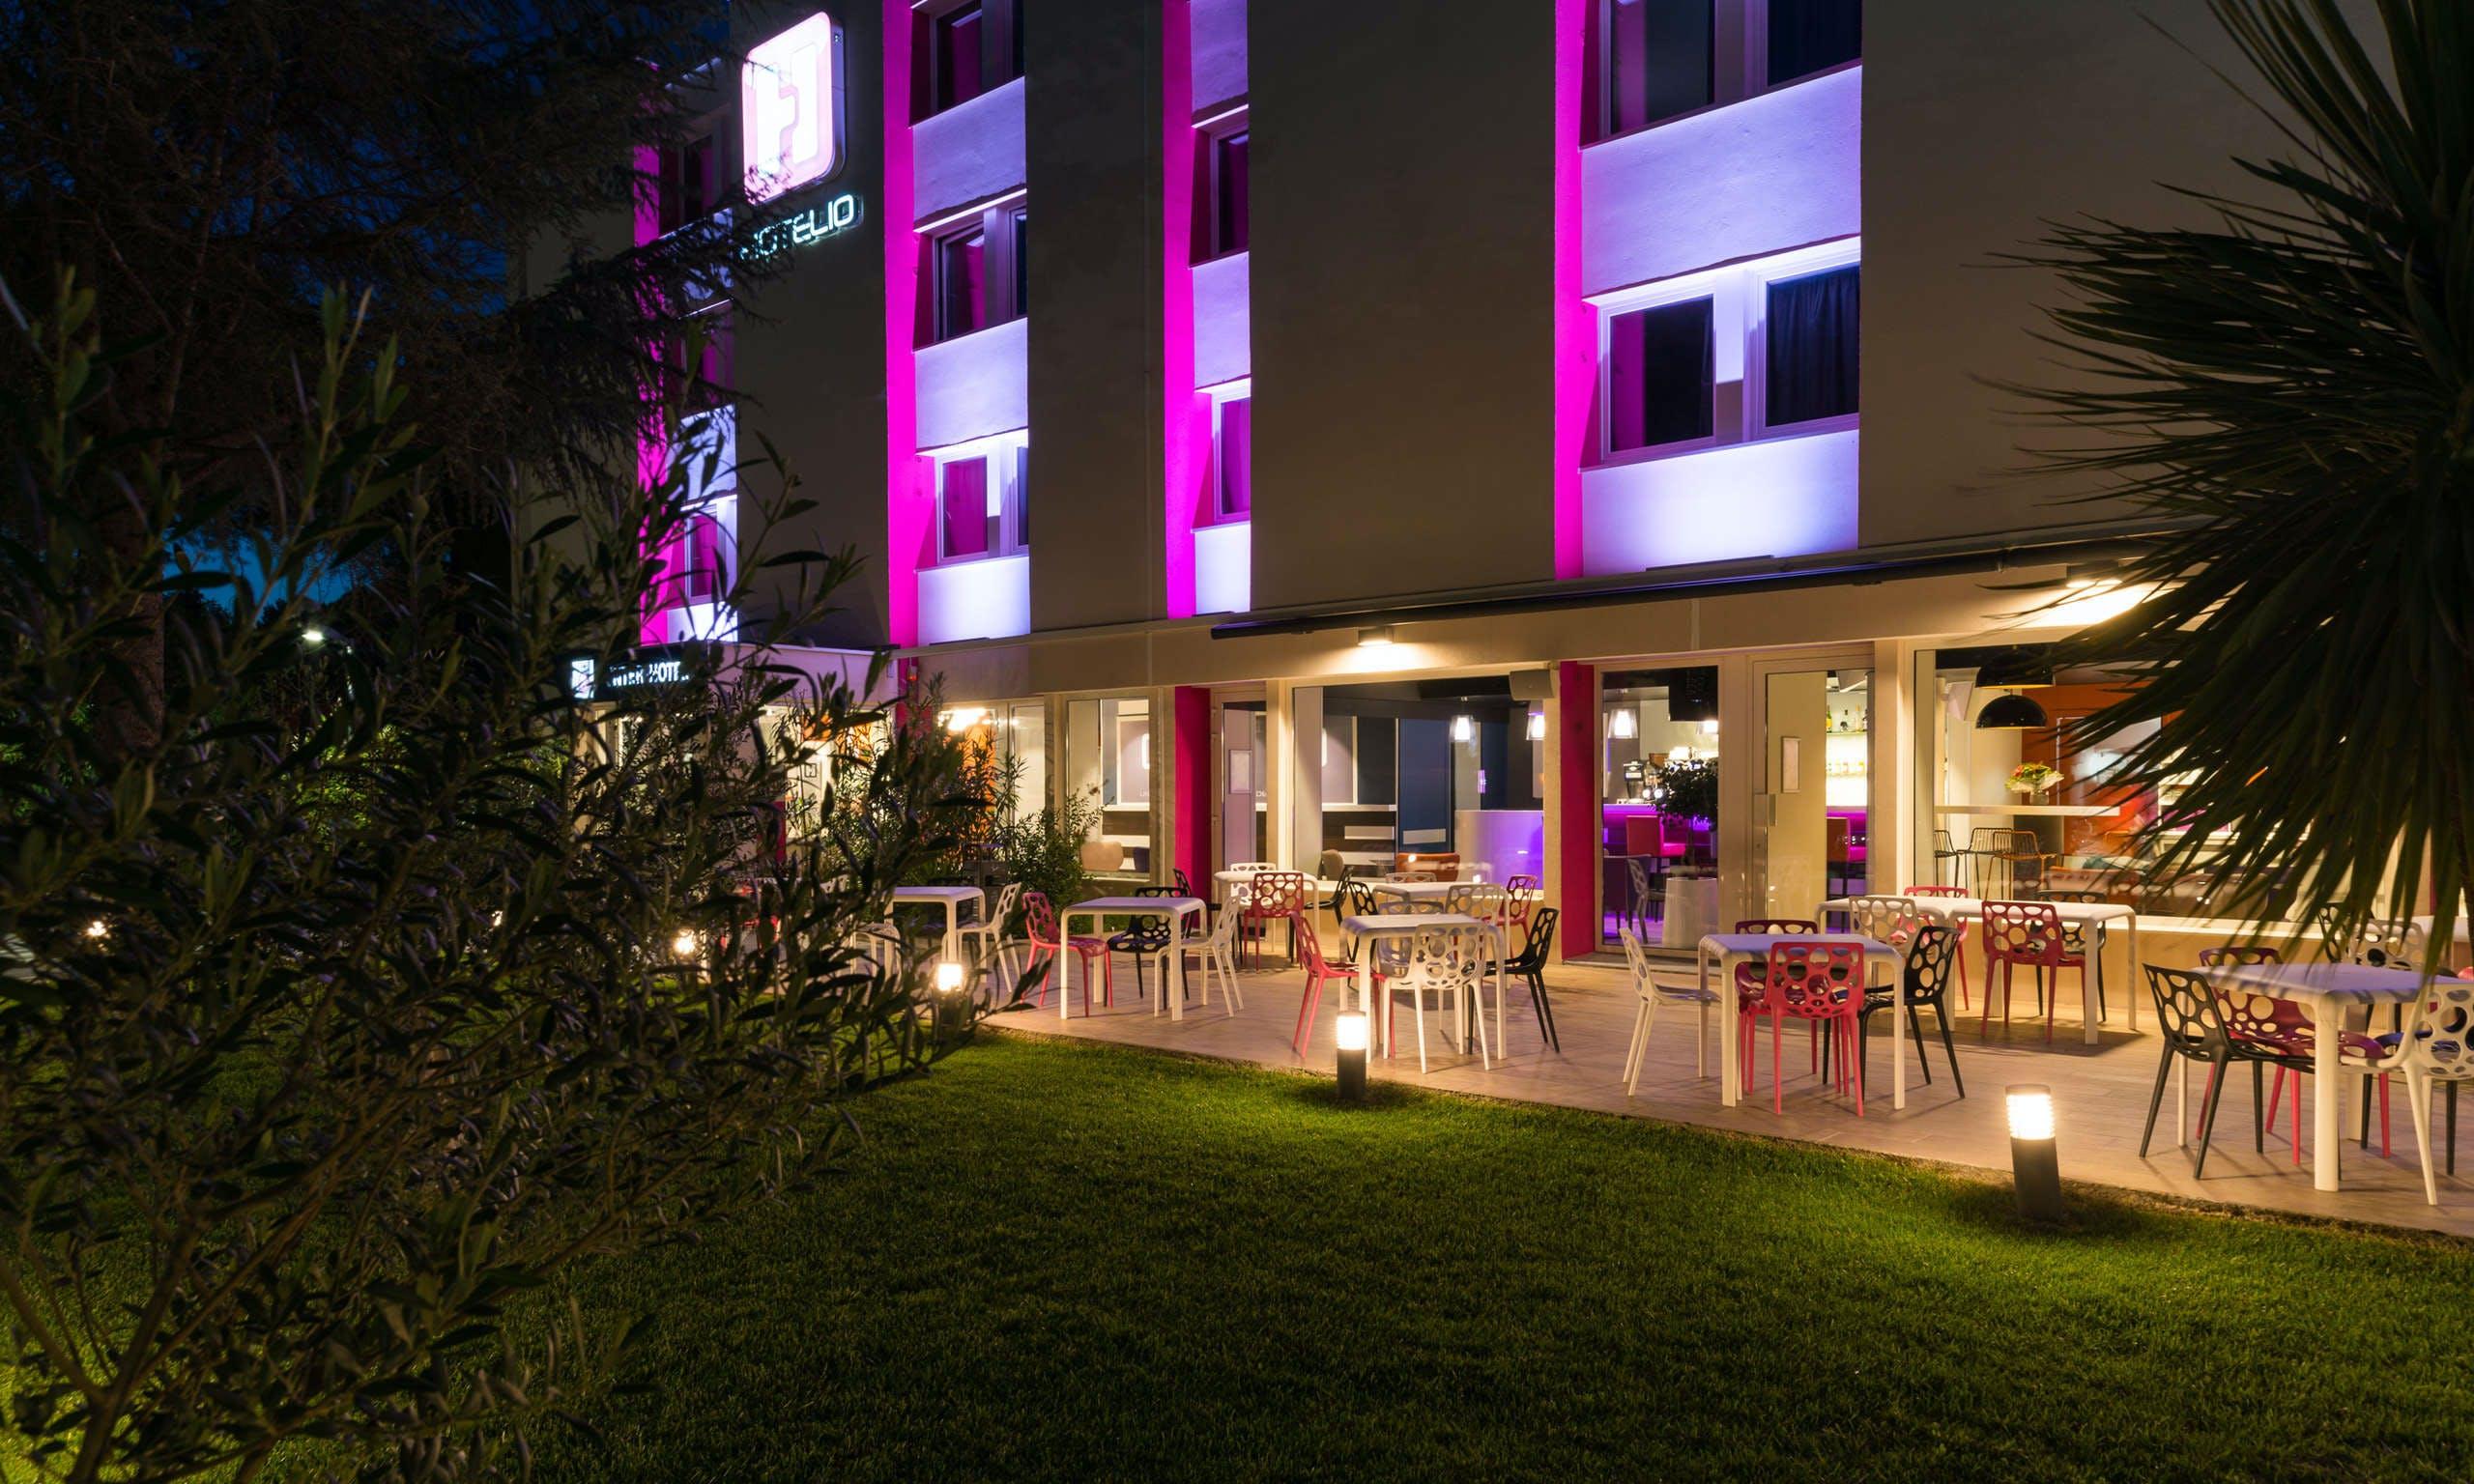 Hotel The Originals Montpellier Sud Hotelio (ex Inter-Hotel)